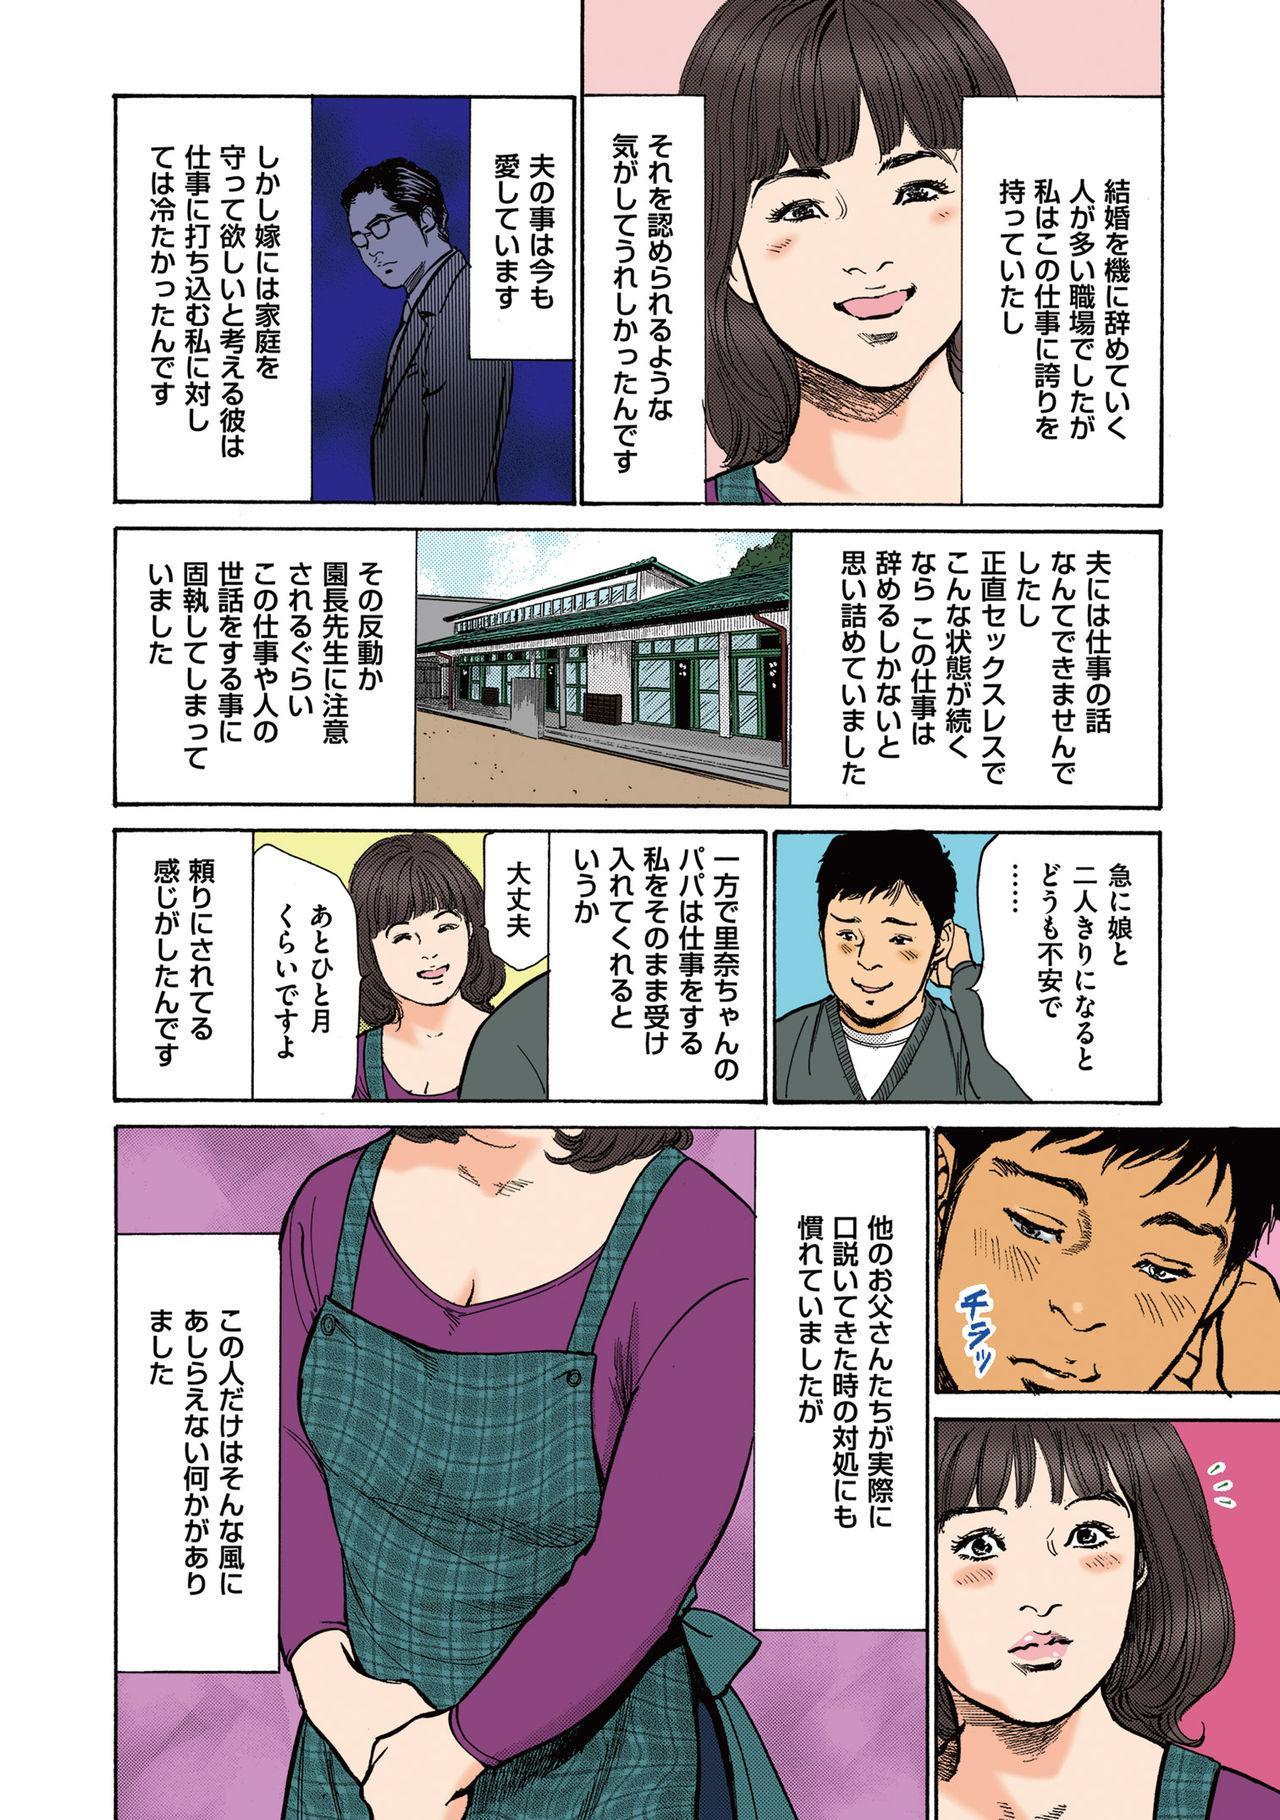 [Hazuki Kaoru] Hazuki Kaoru no Tamaranai Hanashi (Full Color Version) 2-1 23